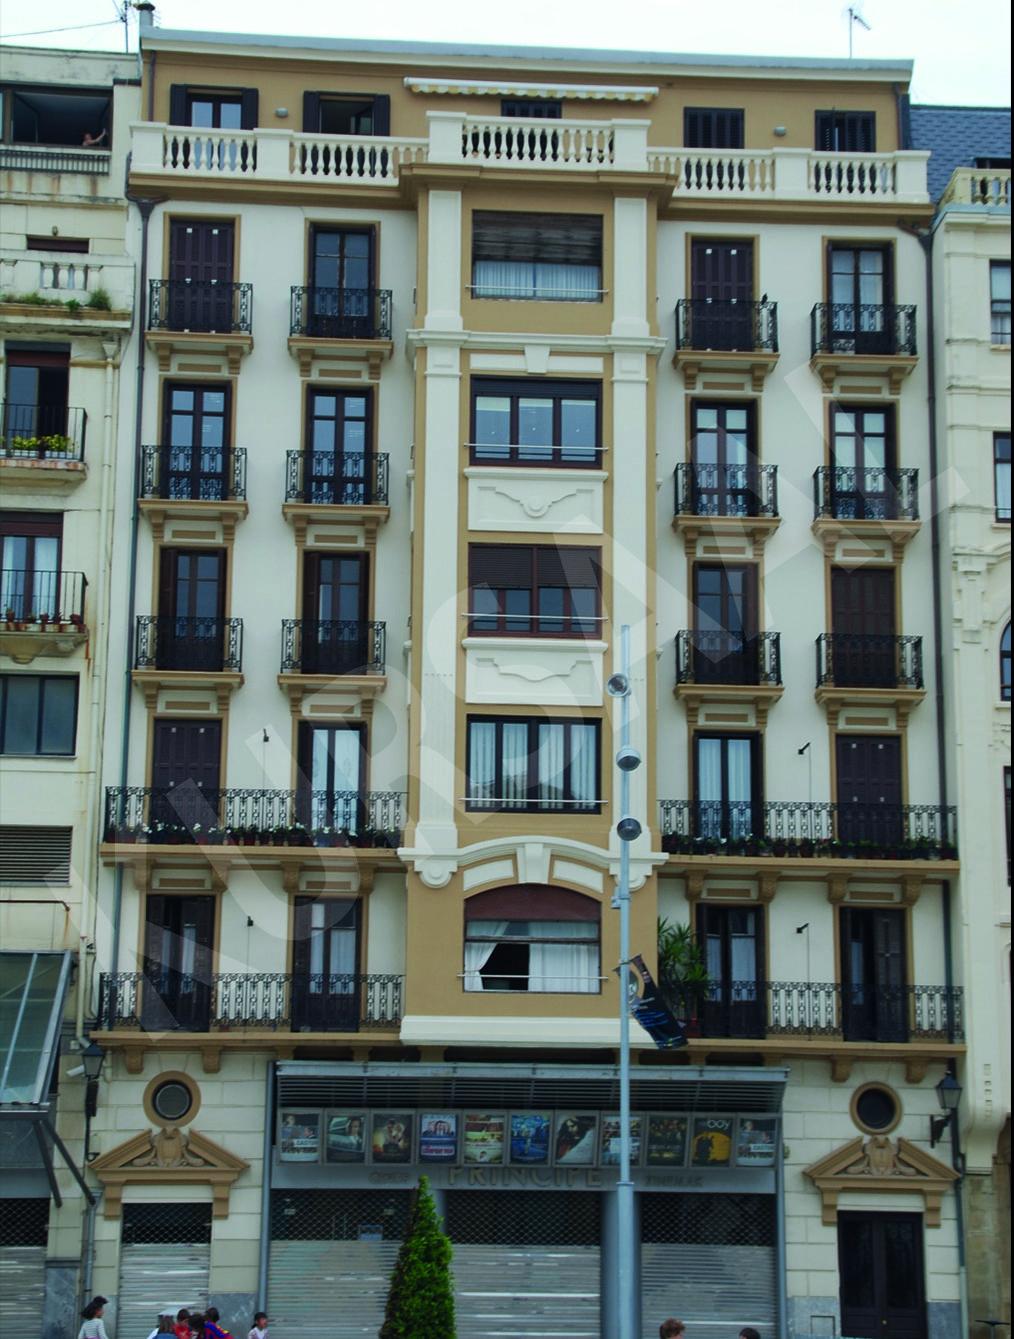 trabajo realizado en: Restauración y patrimonio-DONOSTIA-San Juan 8 Bis - Plaza Zuloaga - Cines Principe